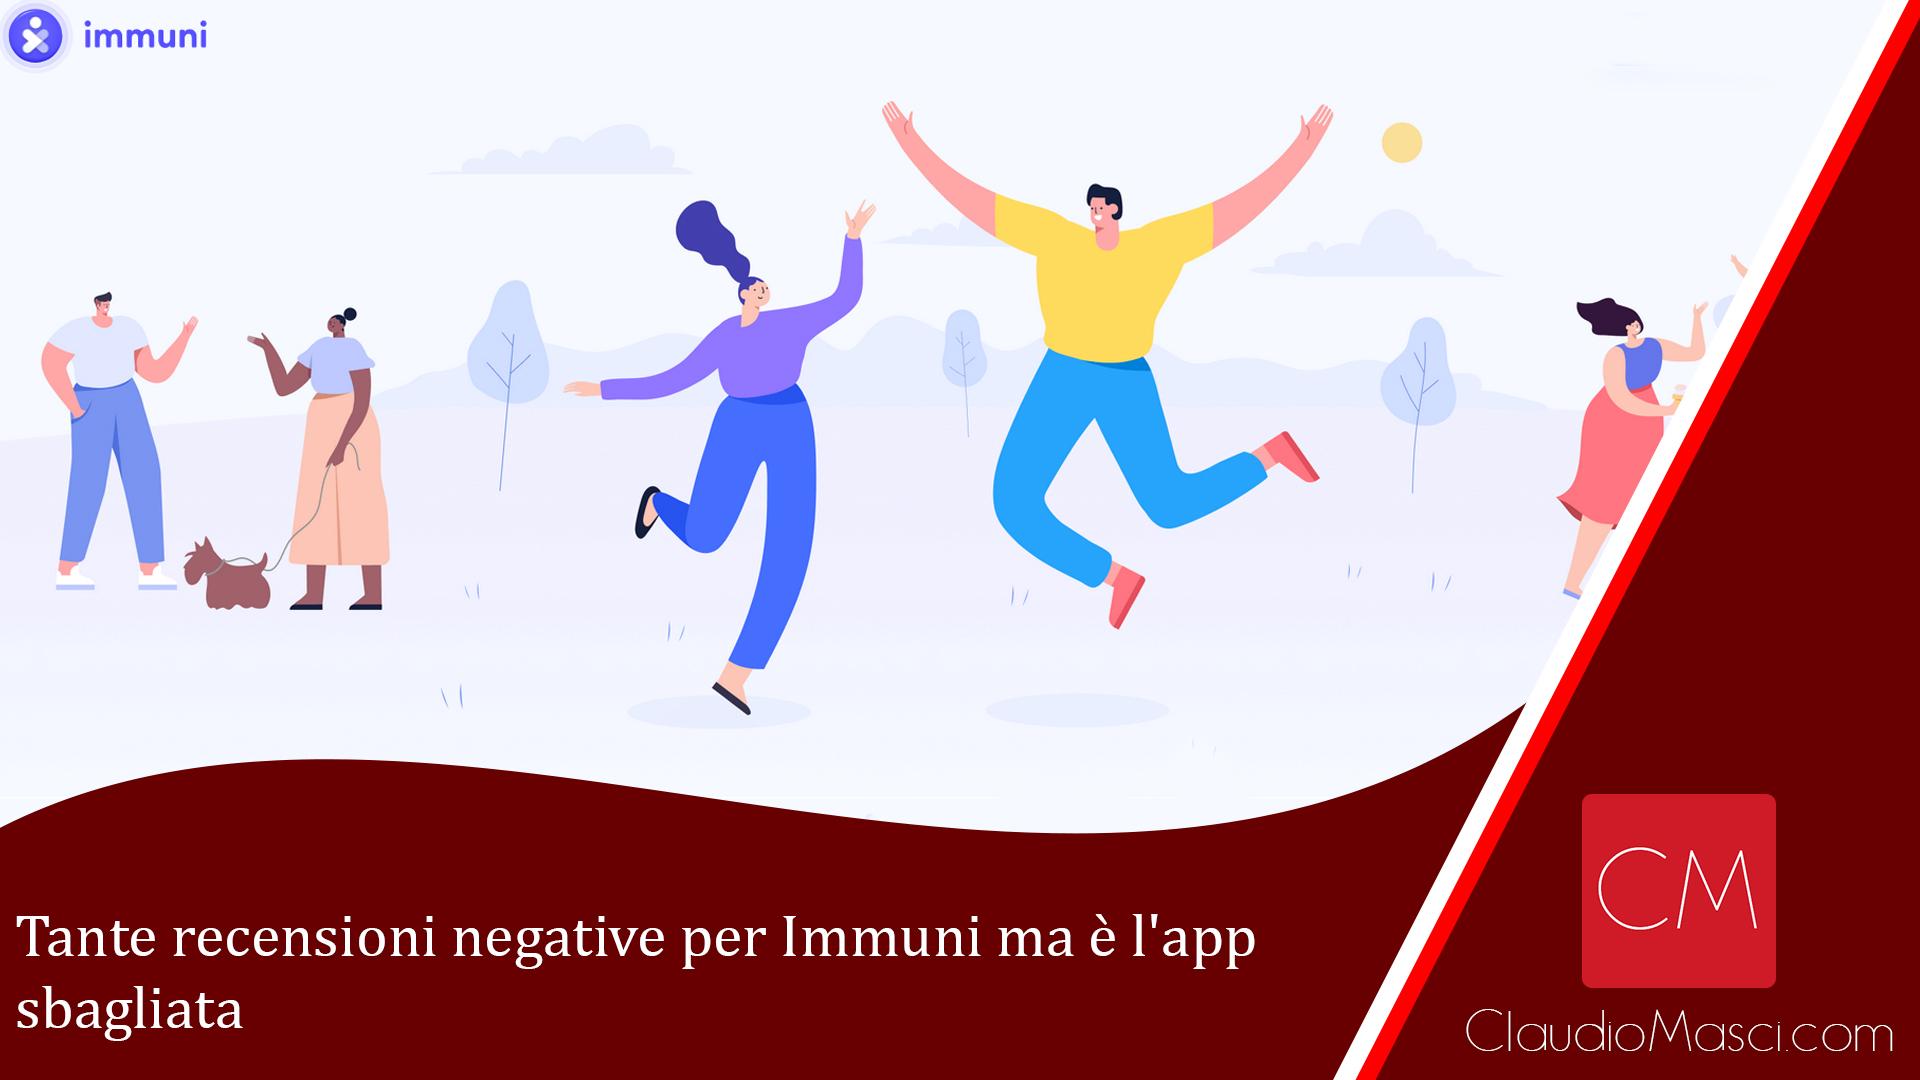 Tante recensioni negative per Immuni ma è l'app sbagliata